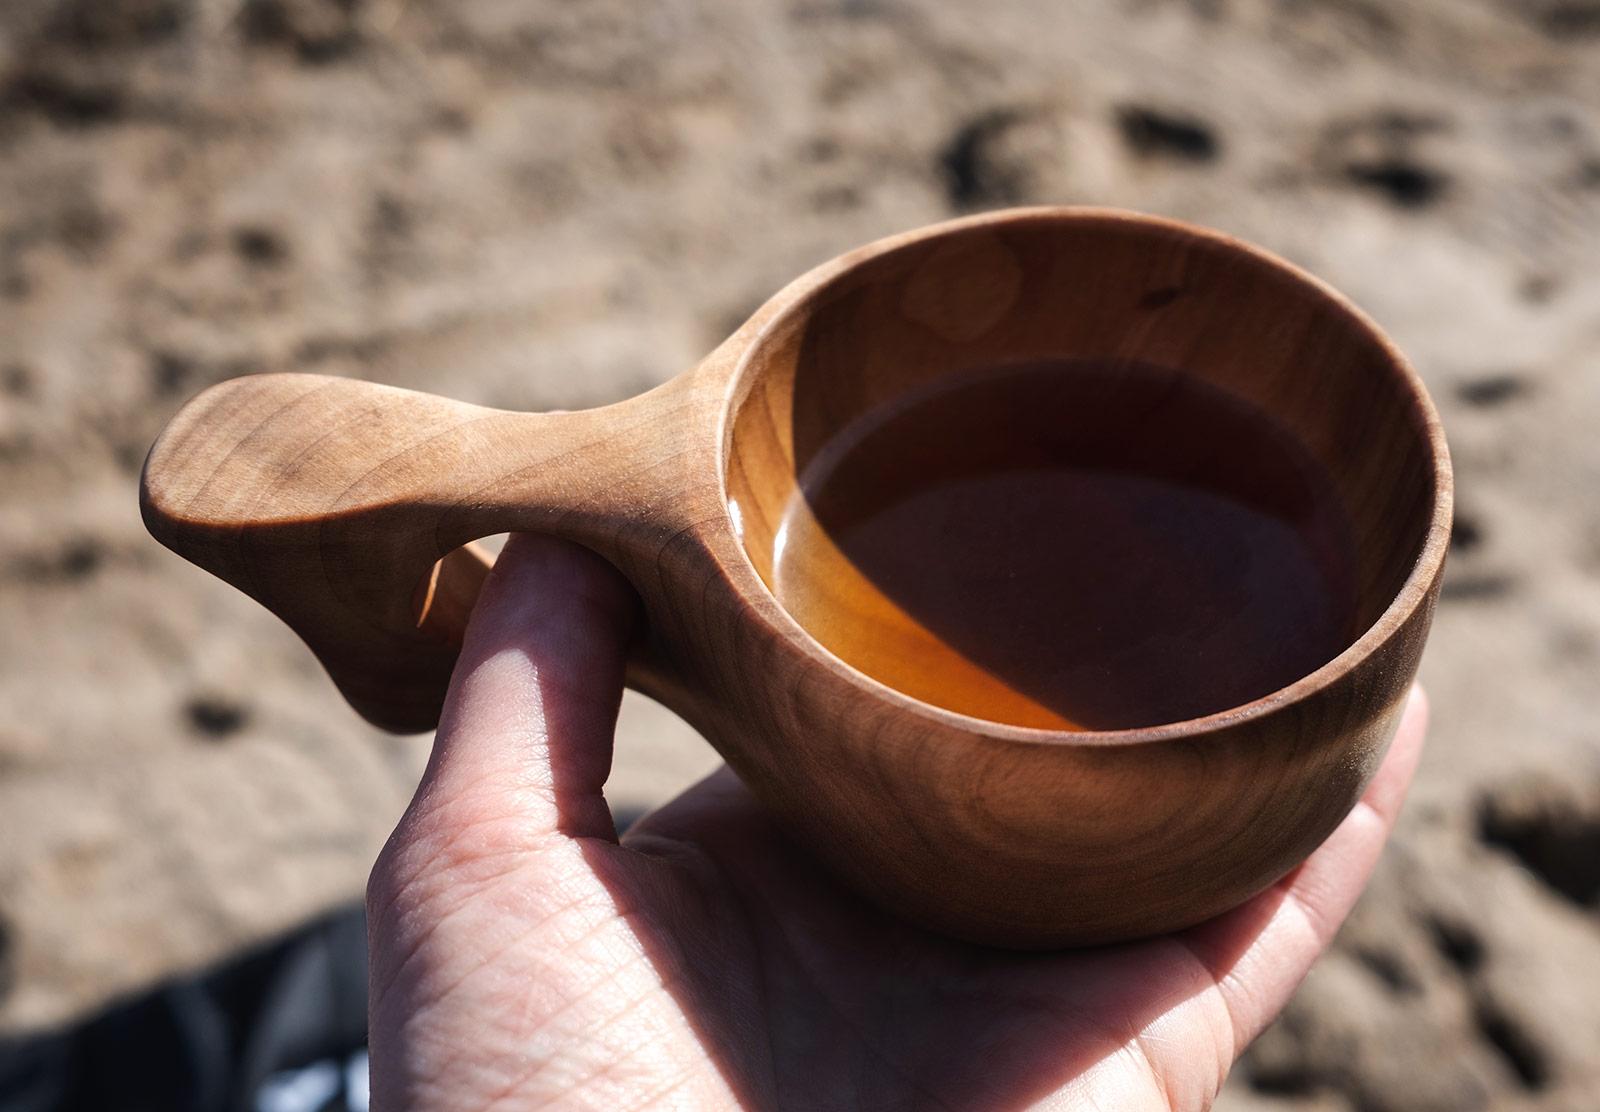 Tea in wooden cup